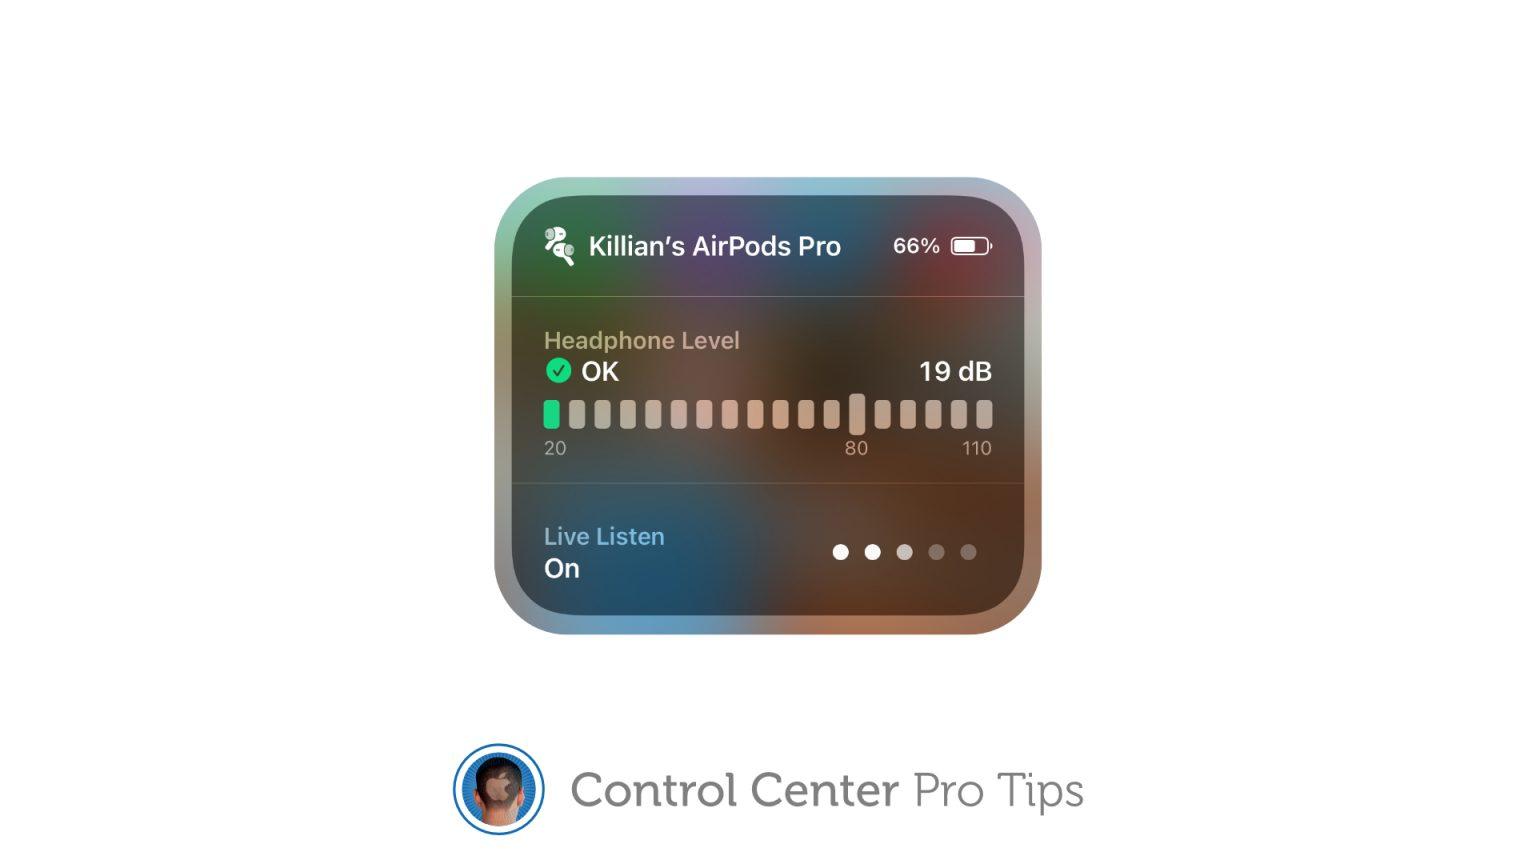 Activate Live Listen Control Center